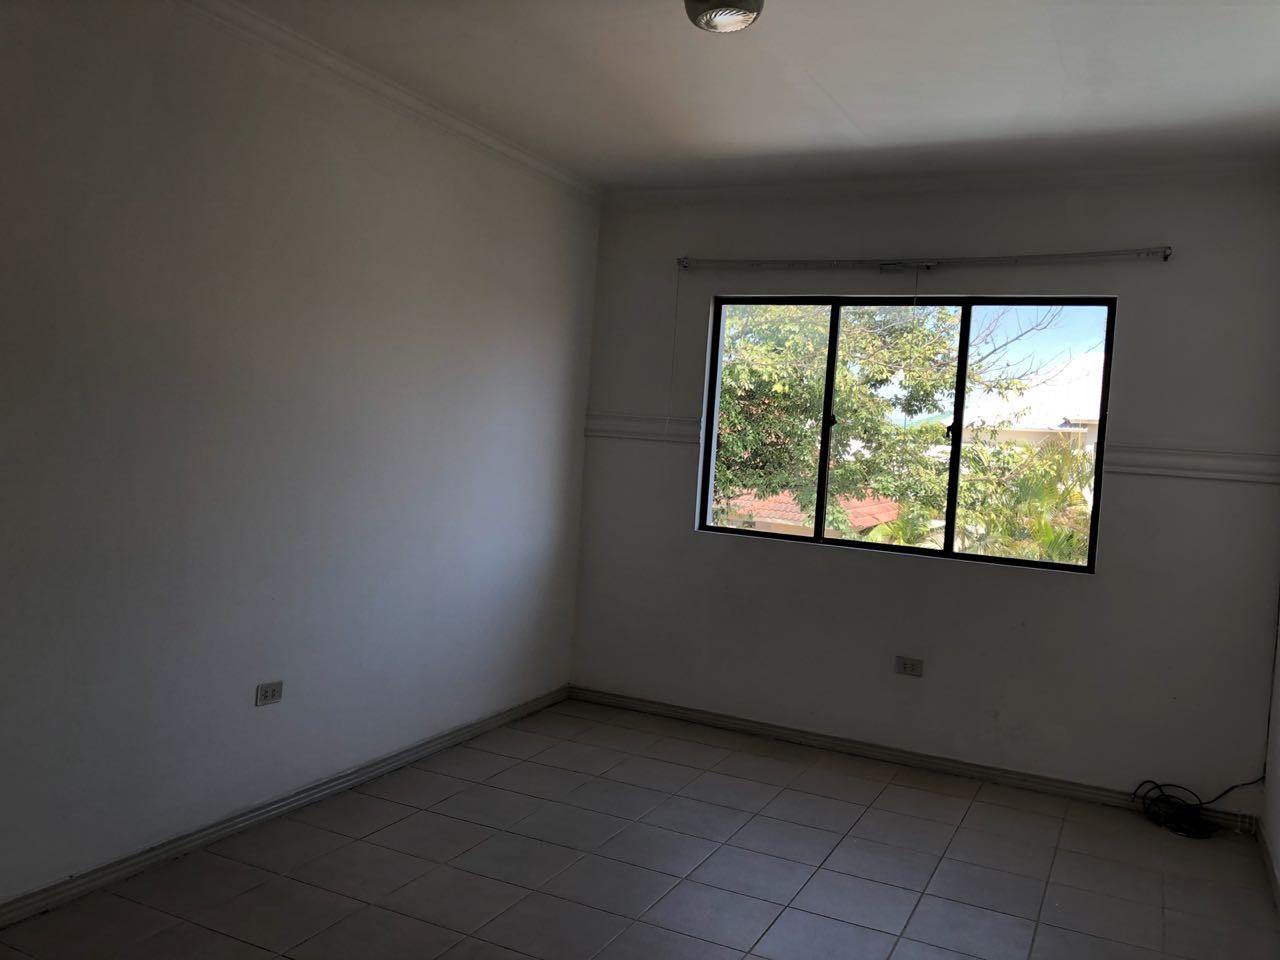 Casa en Alquiler Av Piraí y 4to anillo  Foto 37